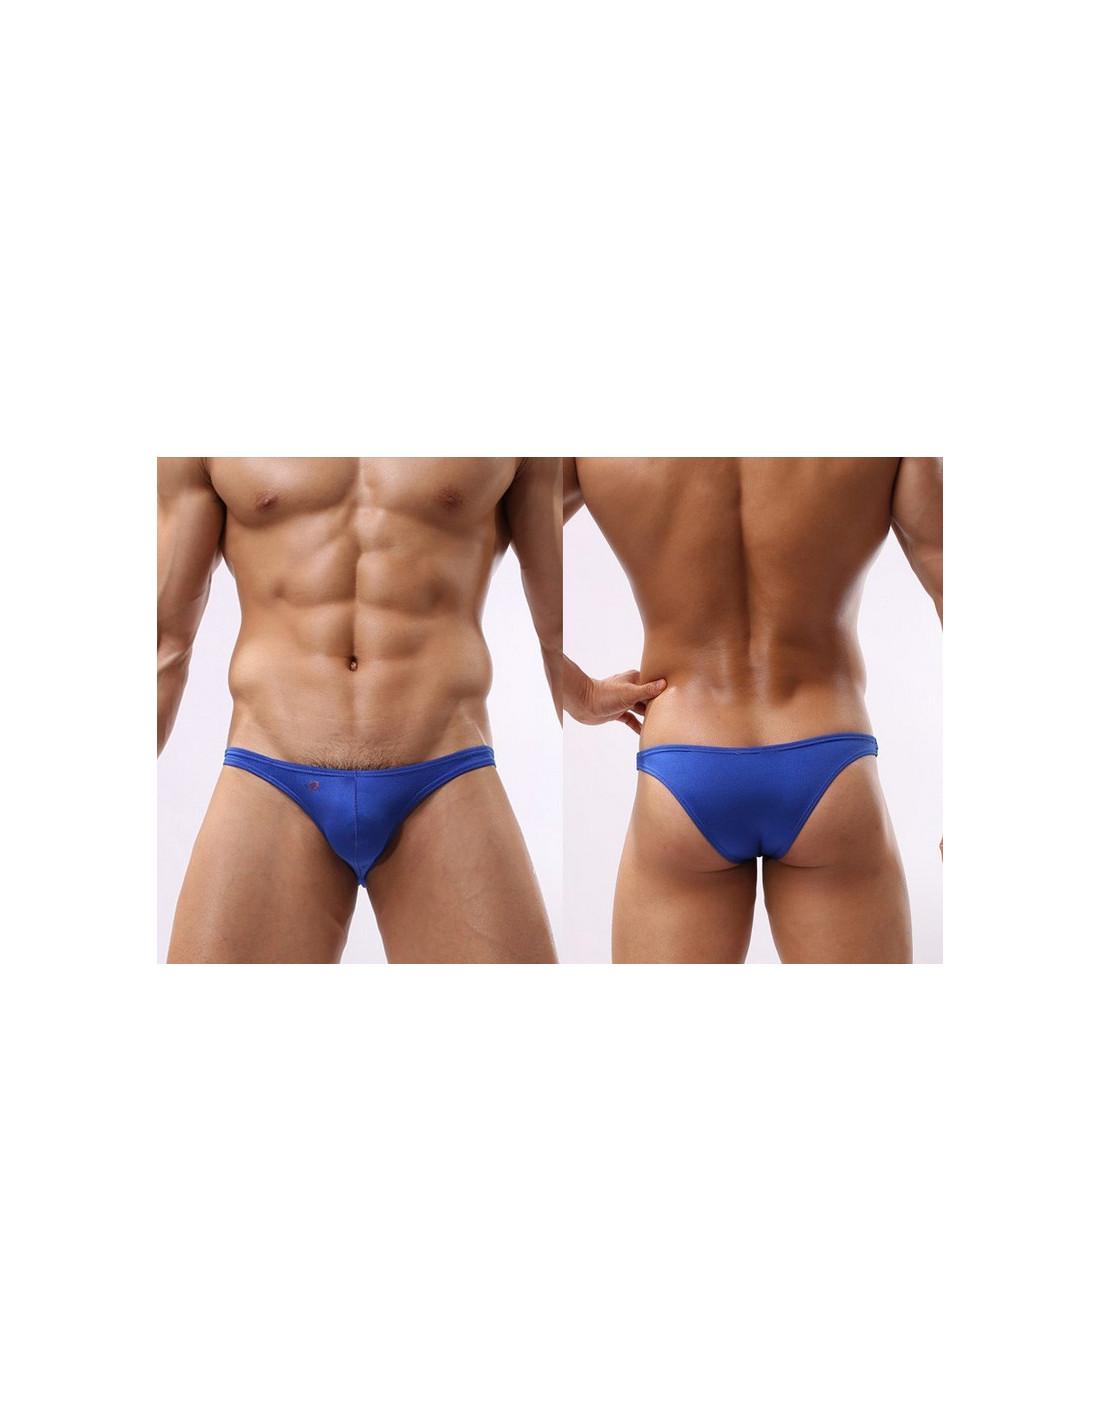 c4446a82365fa Мужские трусы бразилиана Joe Snyder Blue лот 756 | Coolman